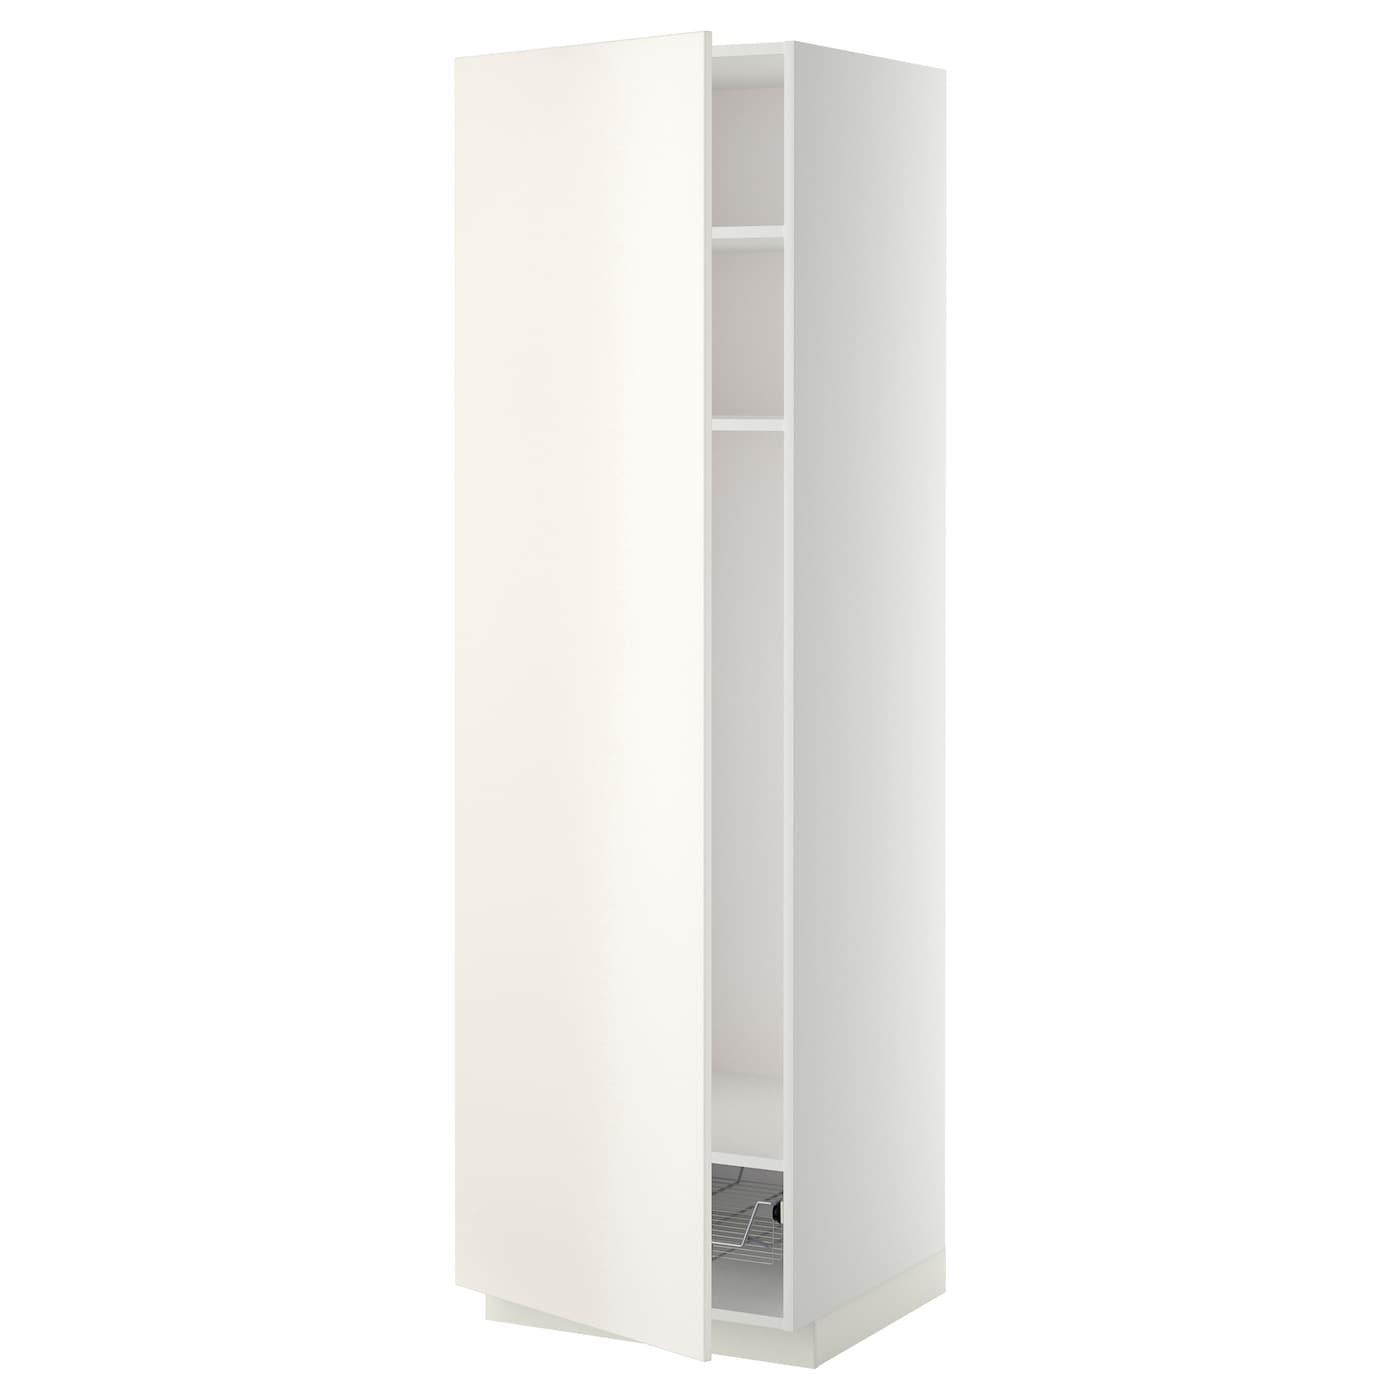 METOD Hochschrank mit Einlegeböden - weiß, Veddinge weiß, 60x60x200 ...